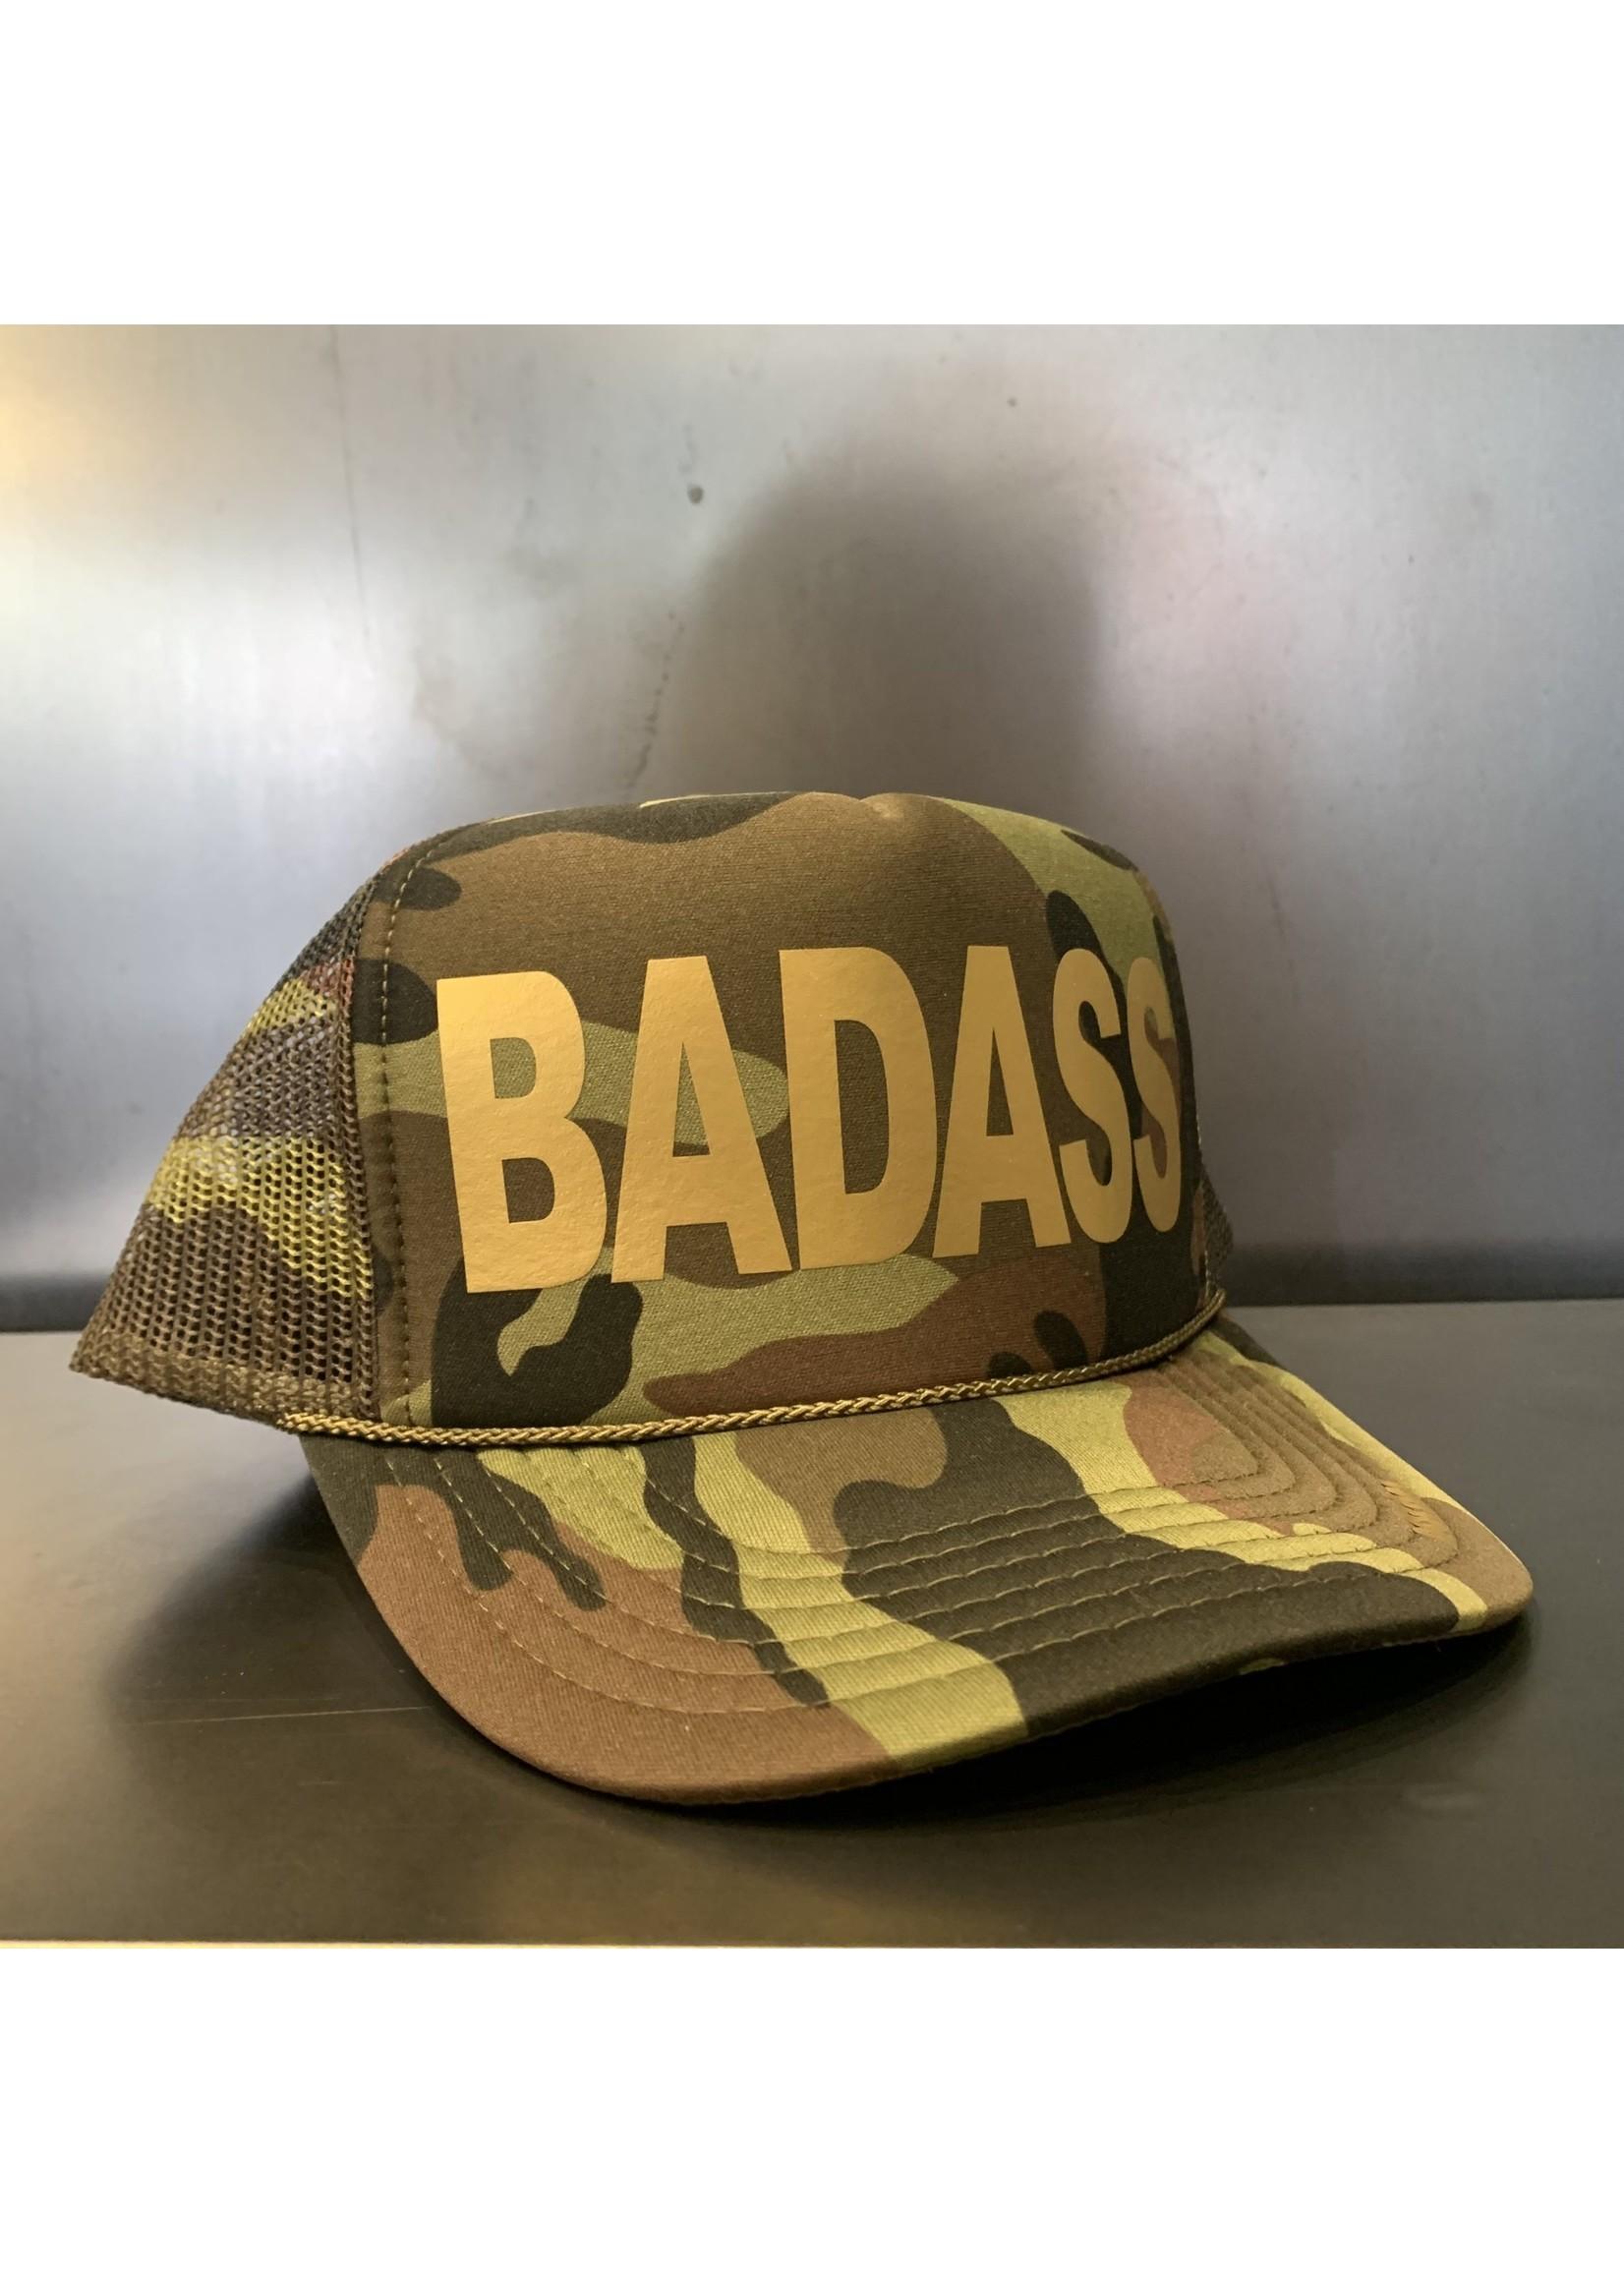 nbrhd Nbrhd BadAss Trucker Hat